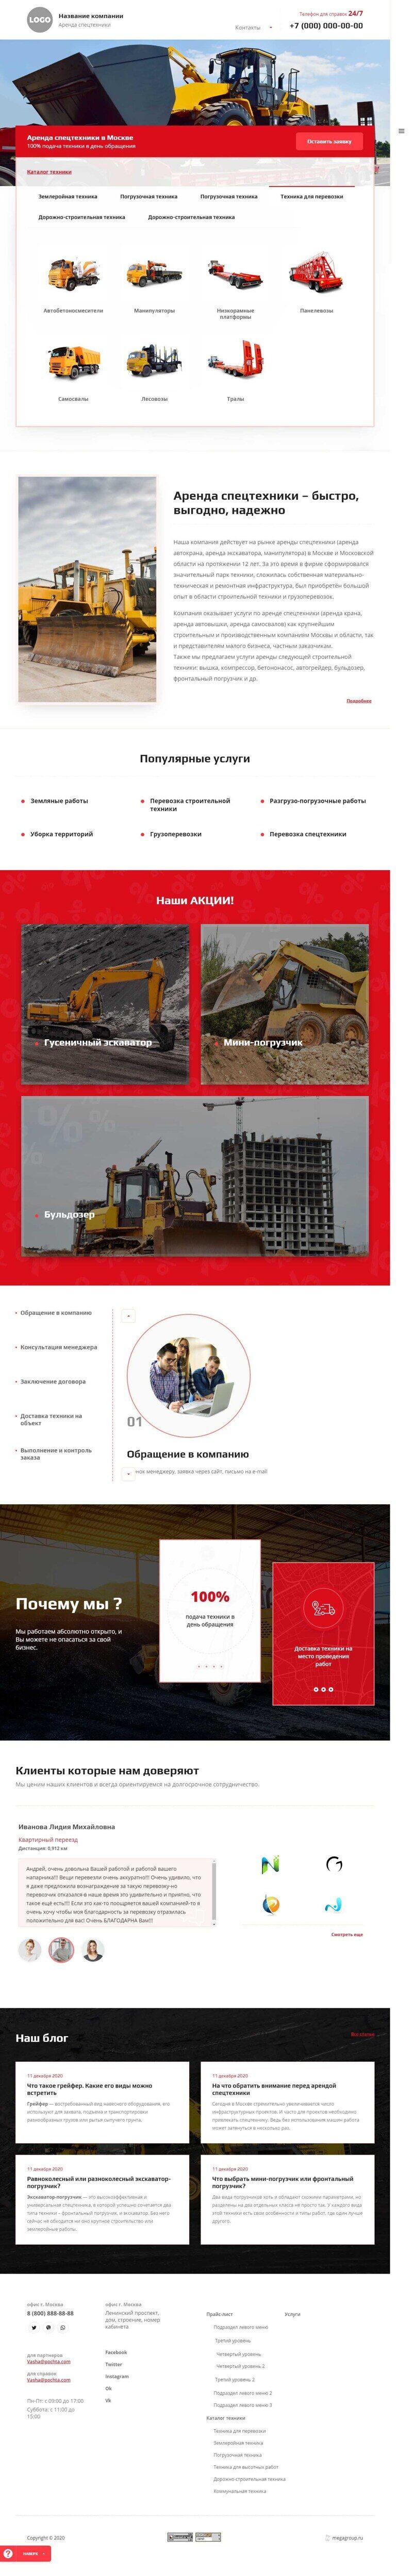 Готовый Сайт-Бизнес #2962807 - Аренда спецтехники (Главная версия 3)